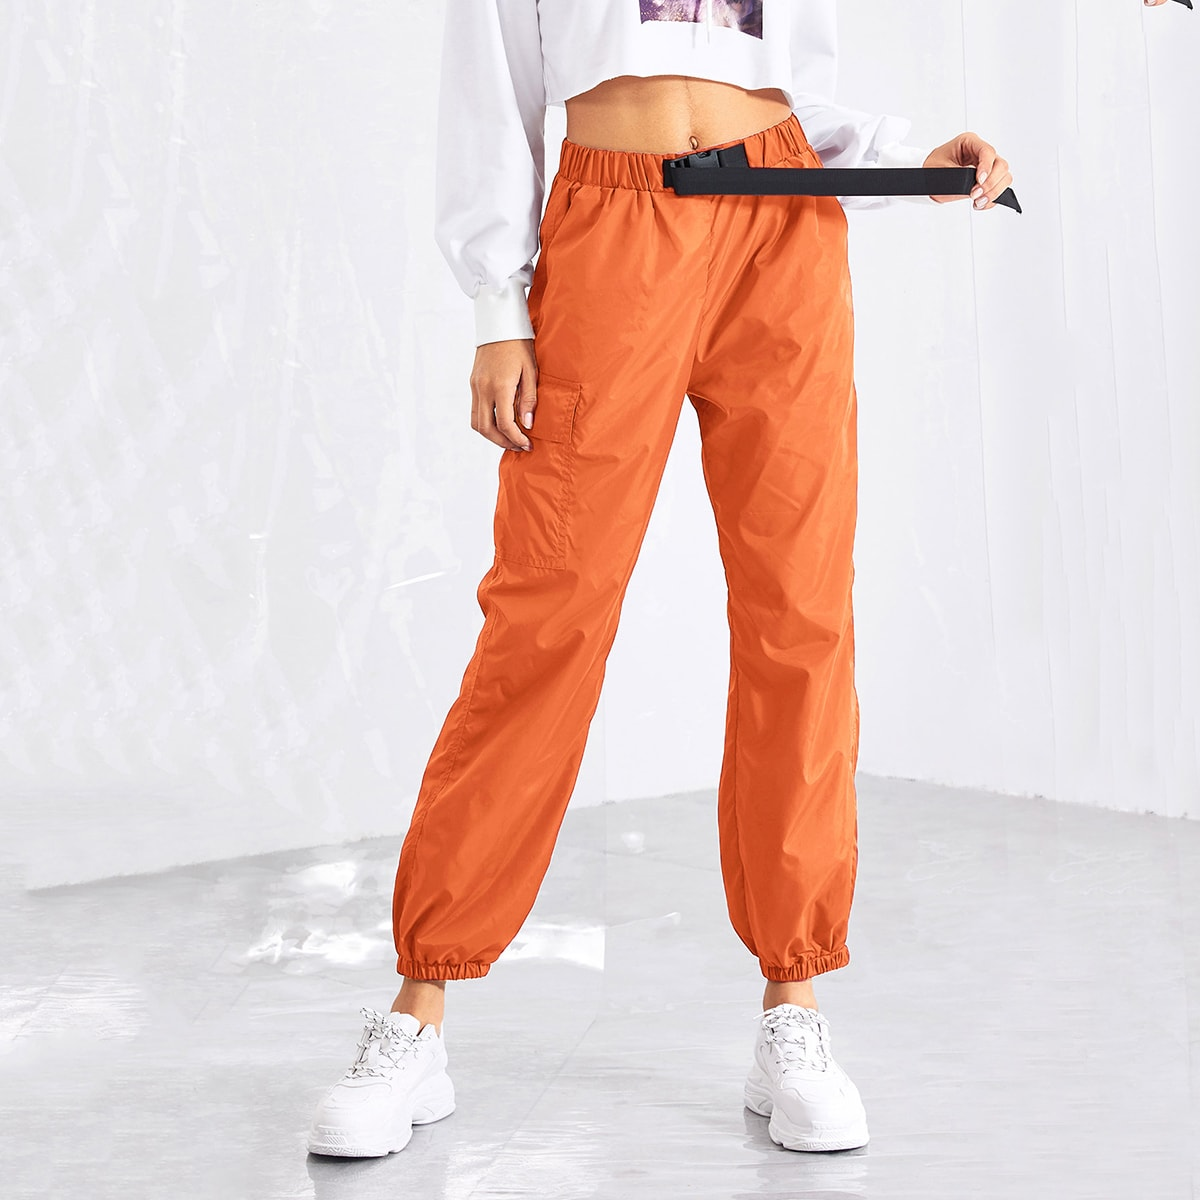 SHEIN Hose mit Gürtel vorn und elastischem Saum